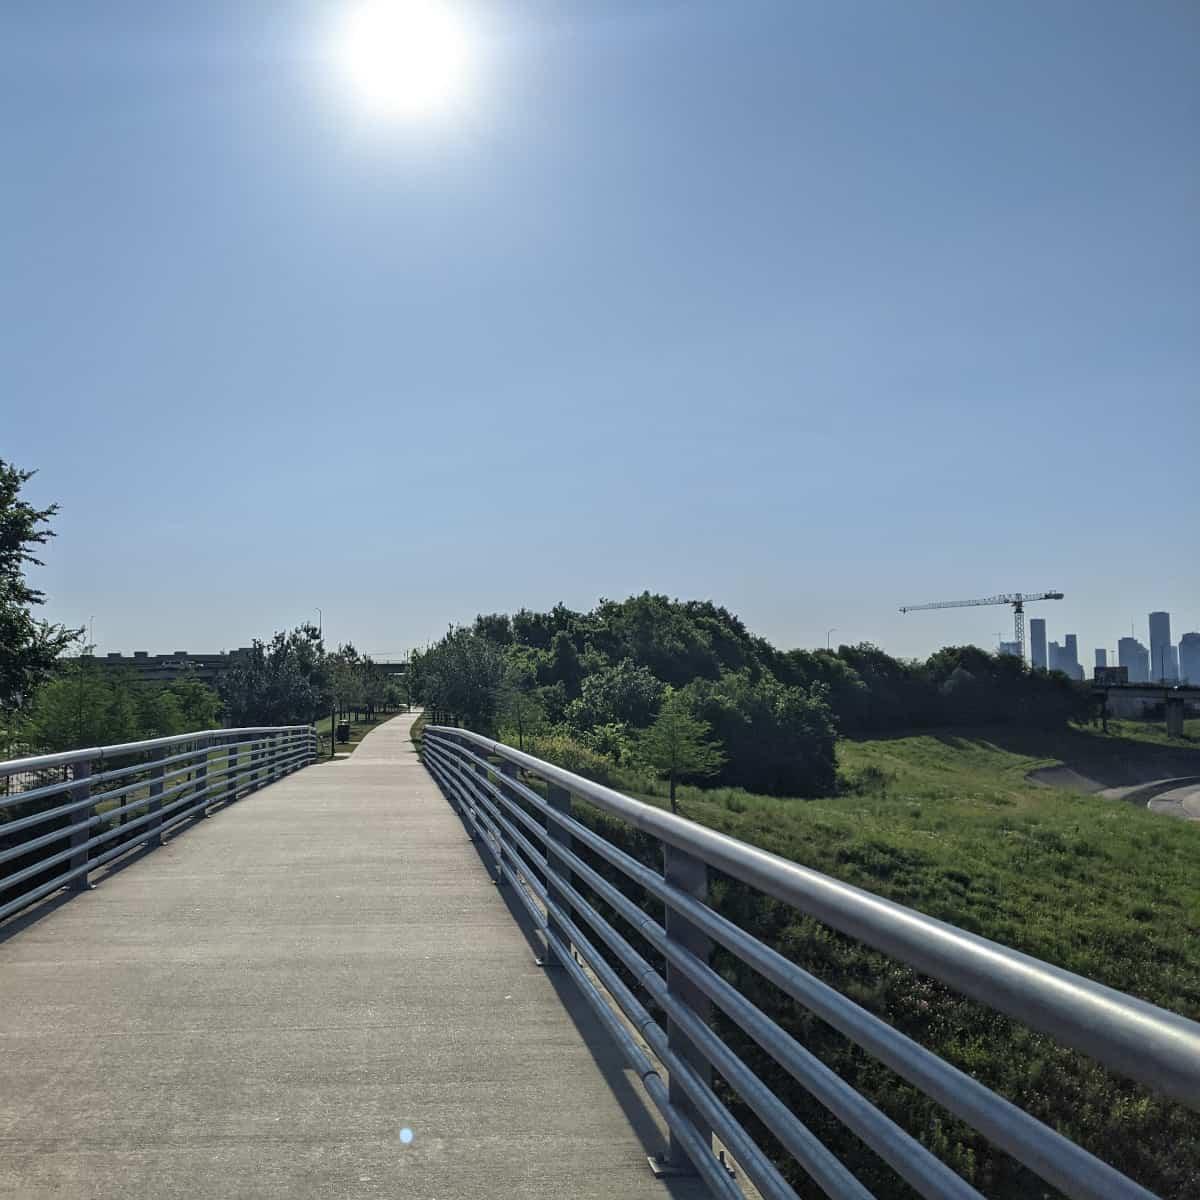 Heights Trail at White Oak Bayou